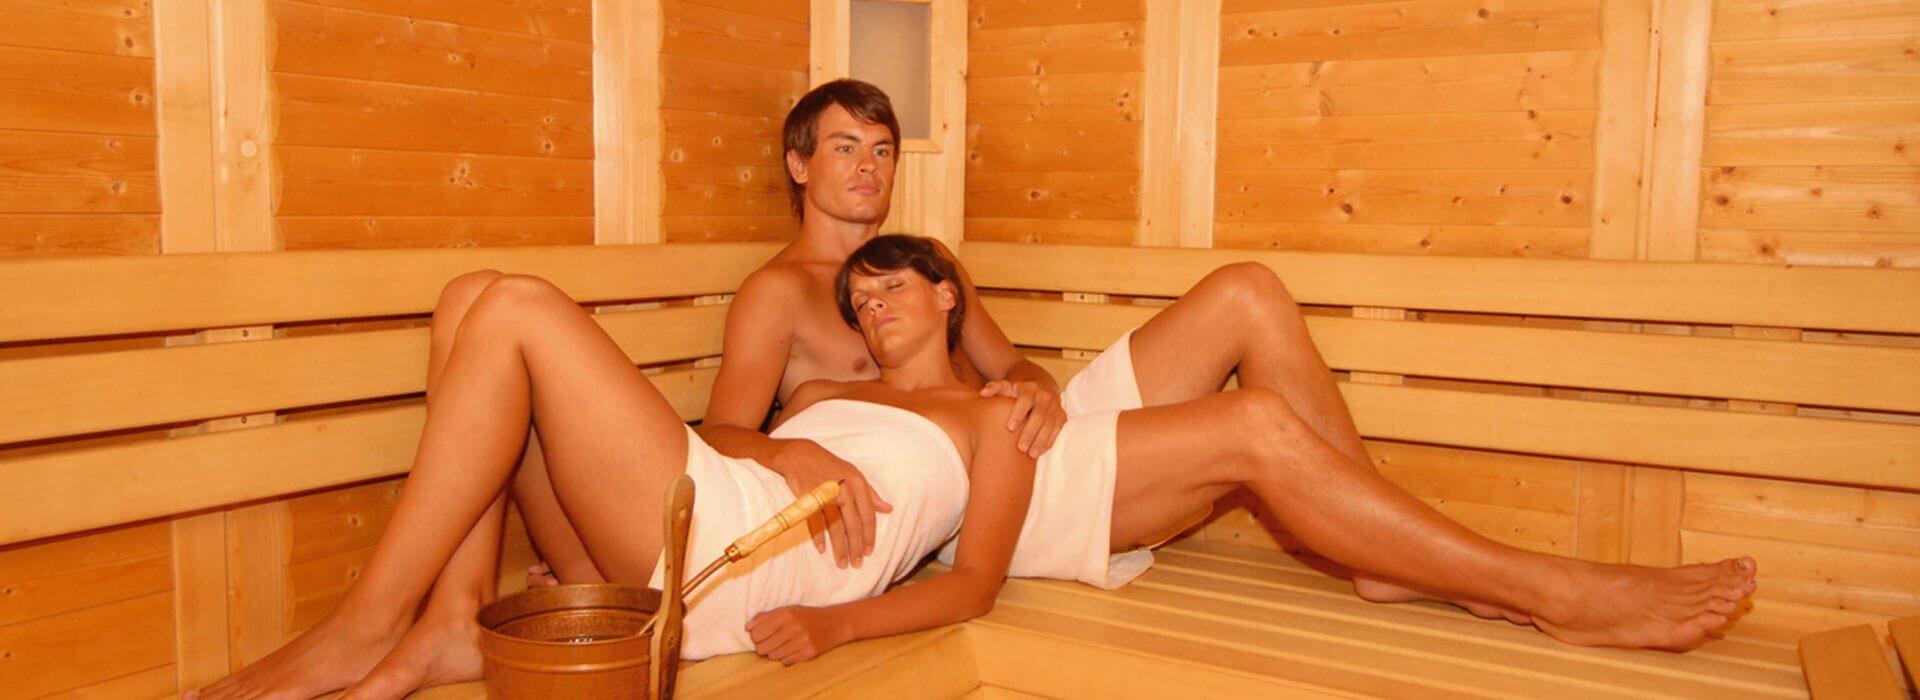 wellnessurlaub-bauernhof-sauna